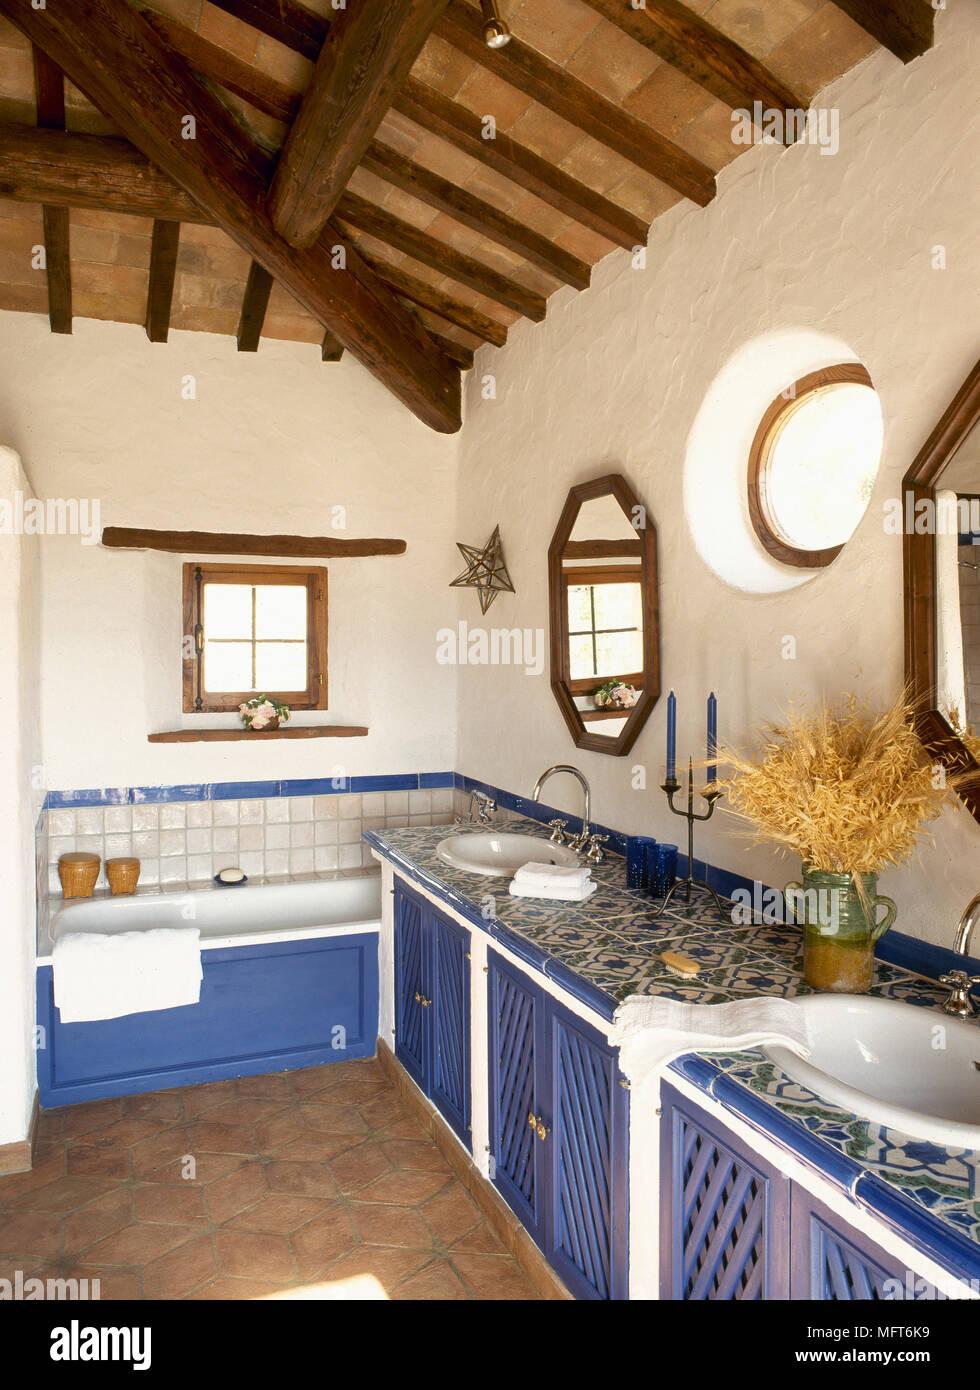 Badezimmer im mediterranen Stil mit Holzbalkendecken, warf ...